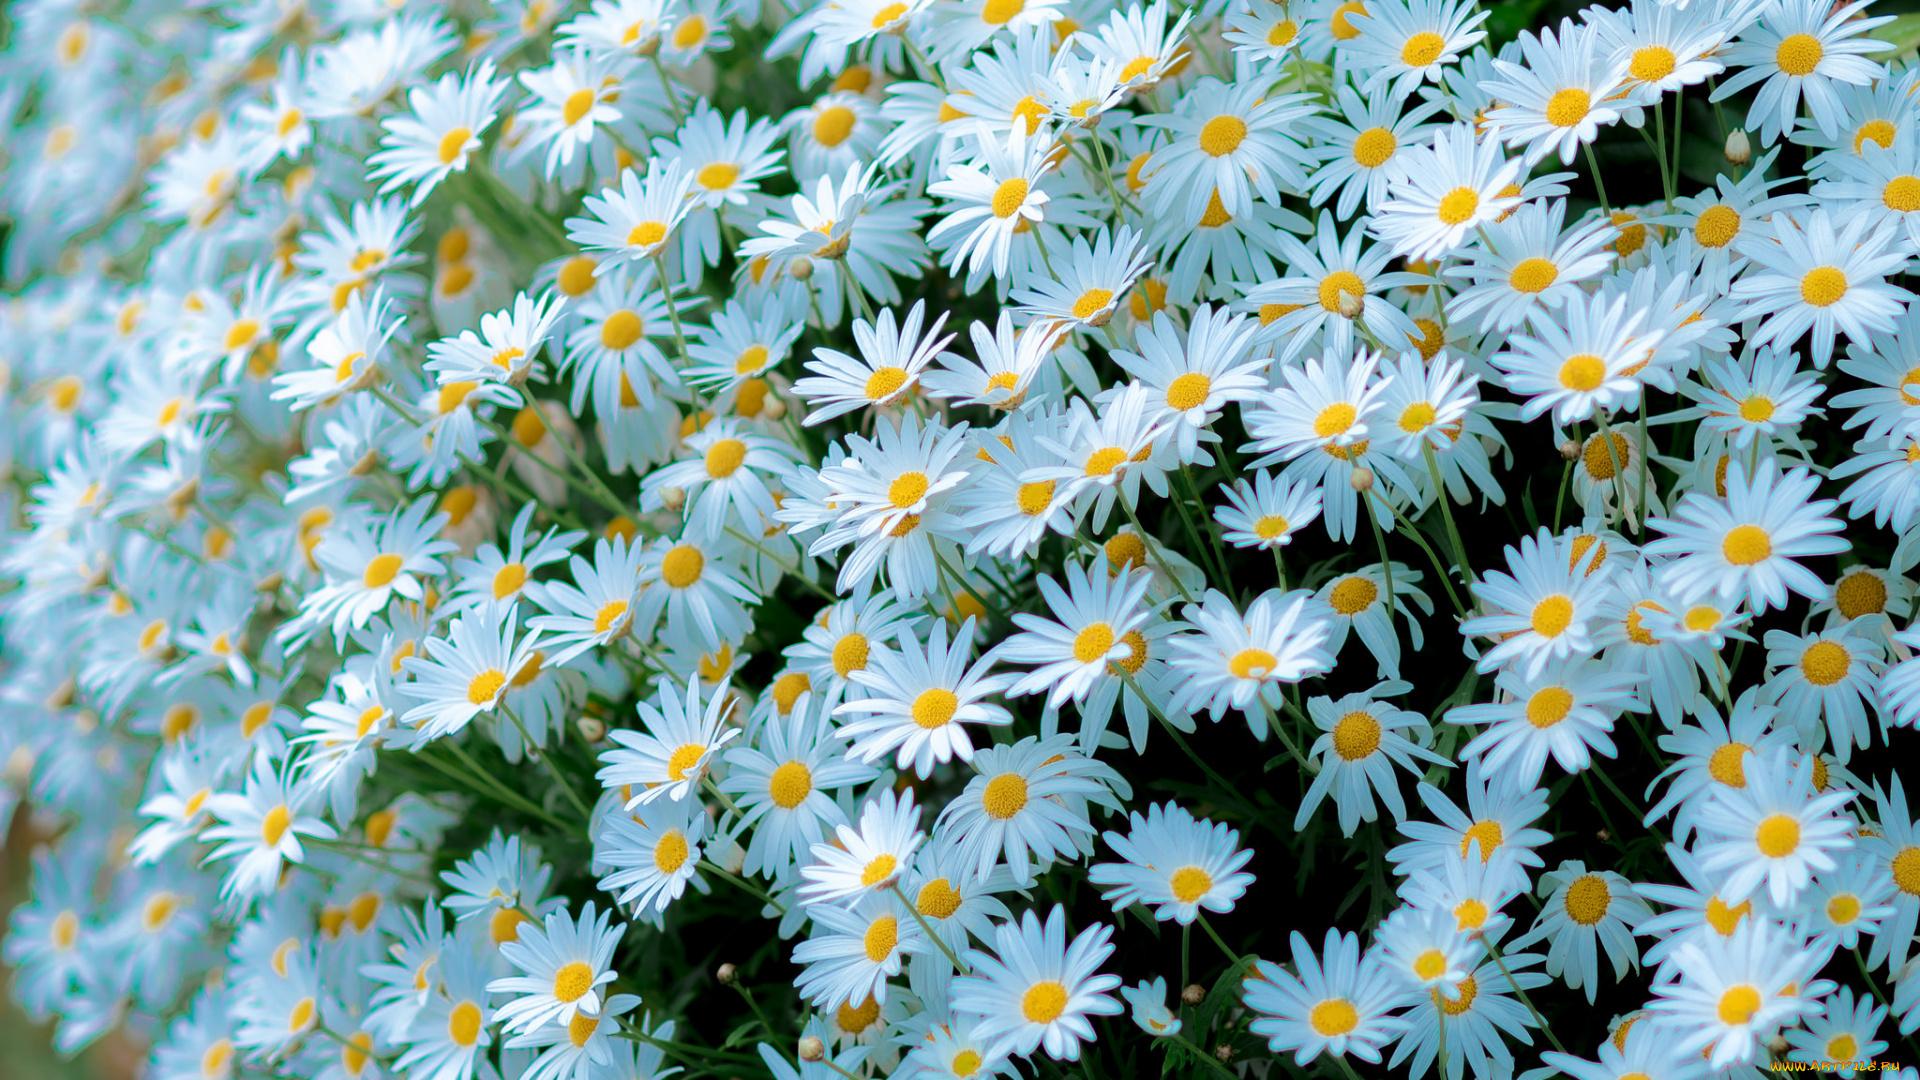 Музыкальная открытка, картинки цветы ромашки красивые